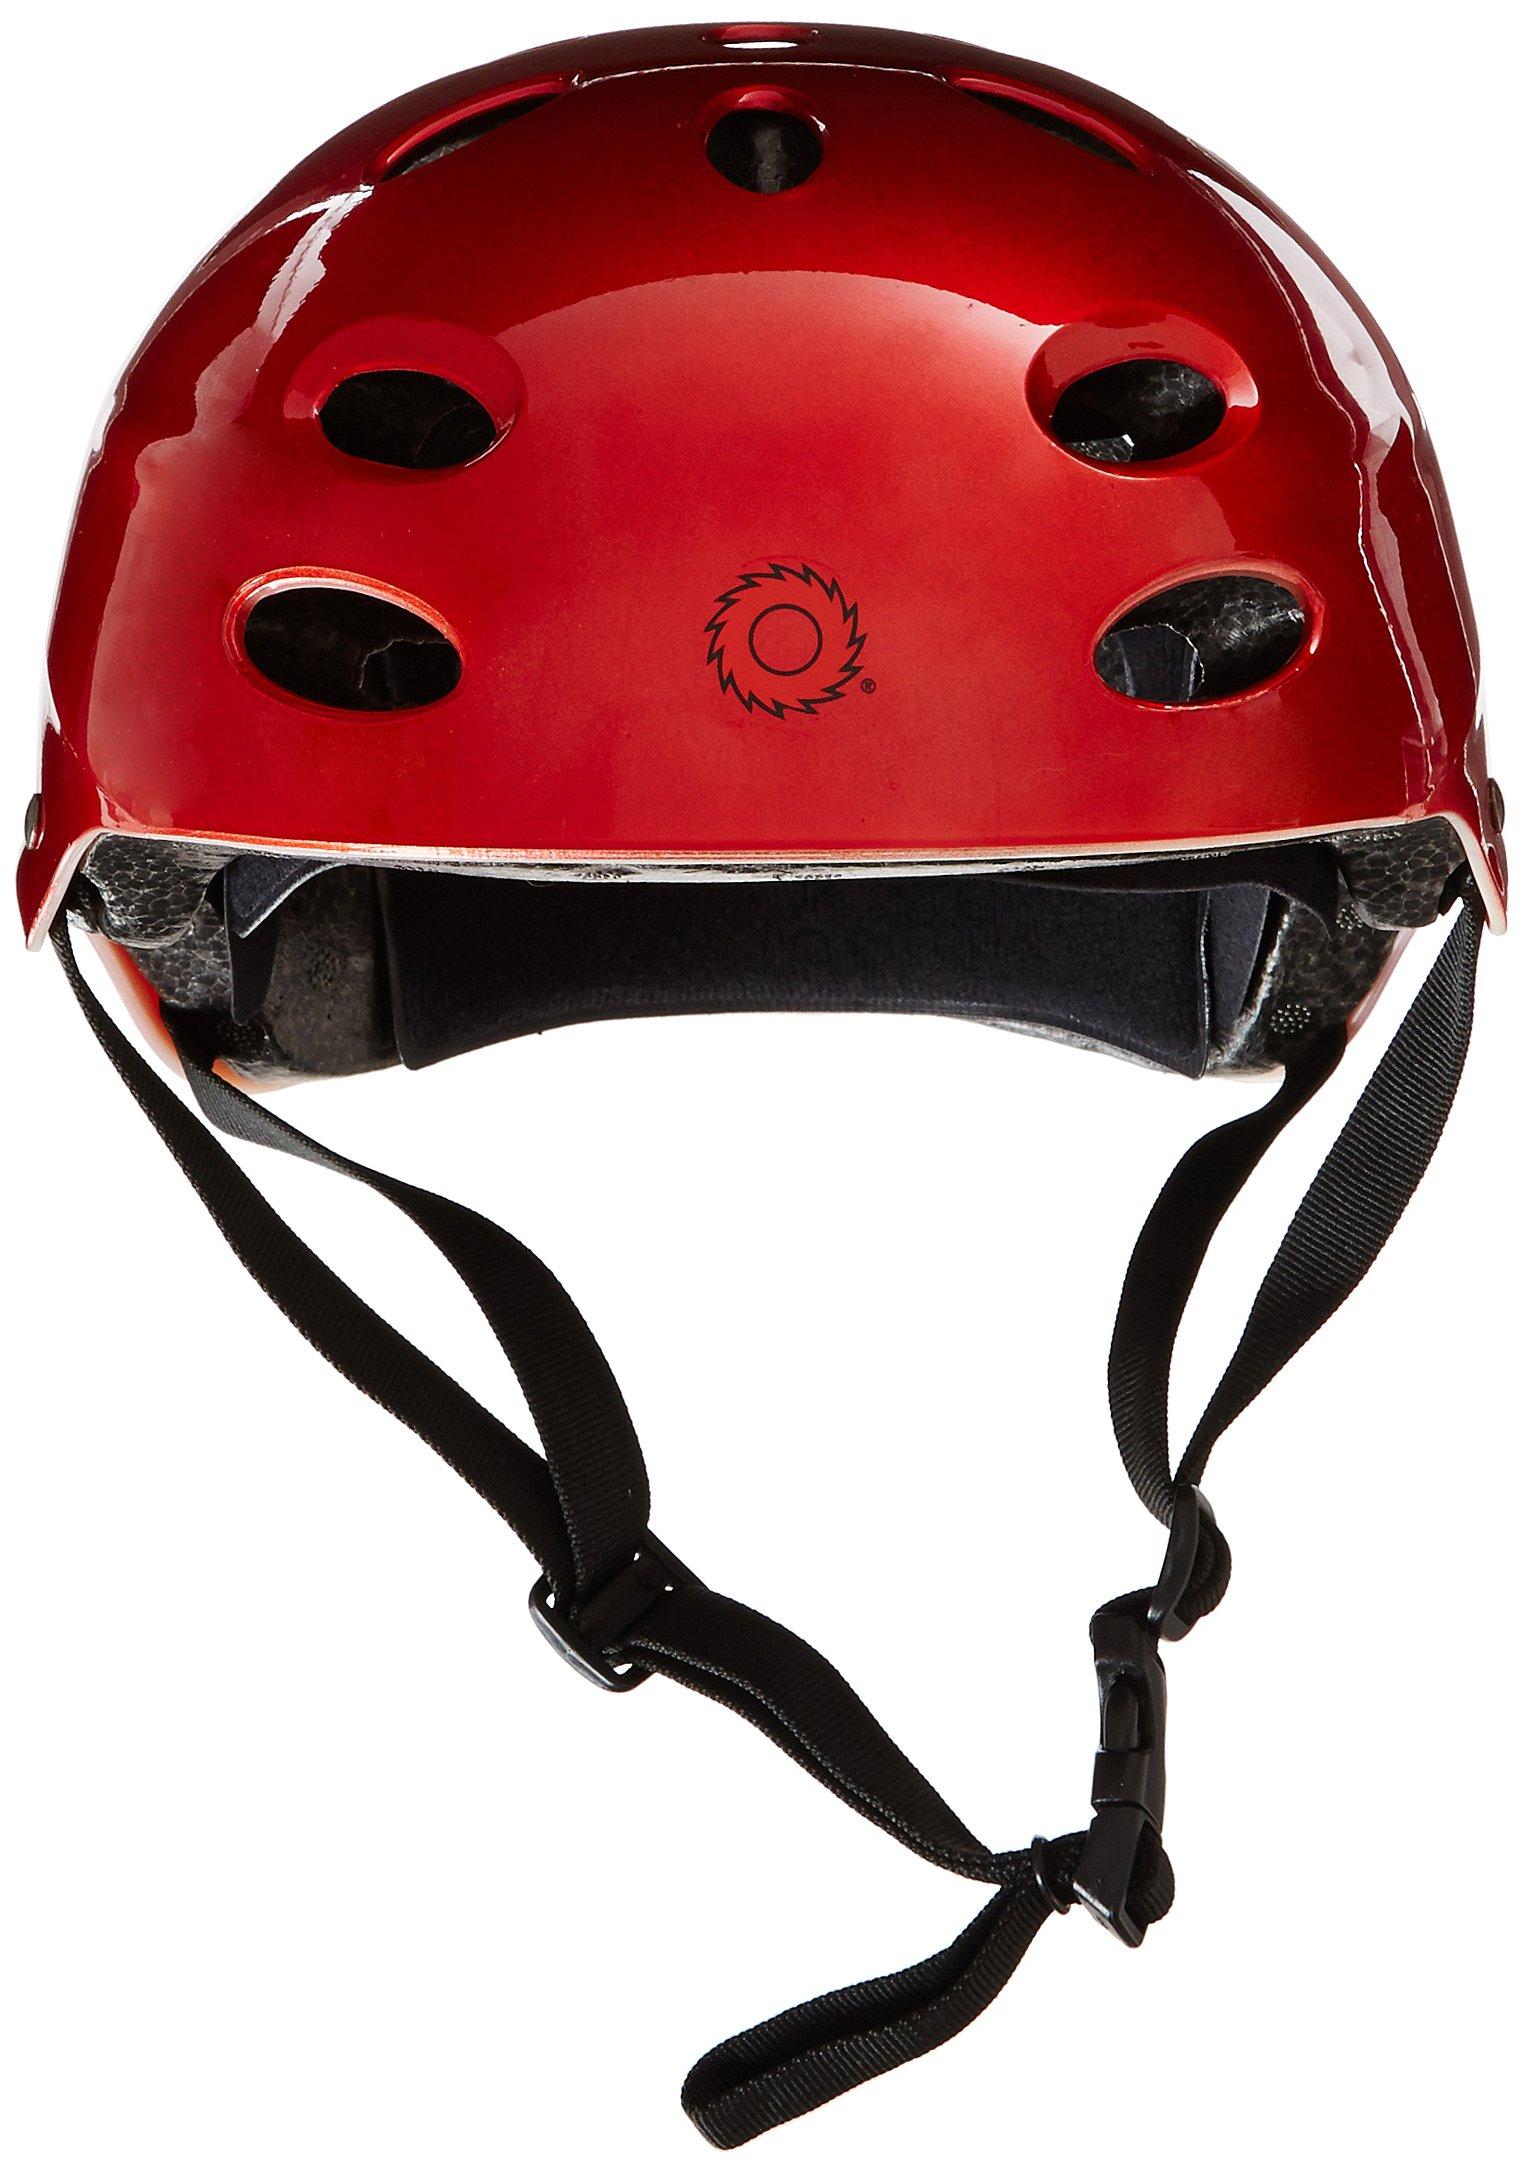 Xterra Paddle Boards >> Razor V-17 Youth Multi-Sport Helmet | ExerciseN